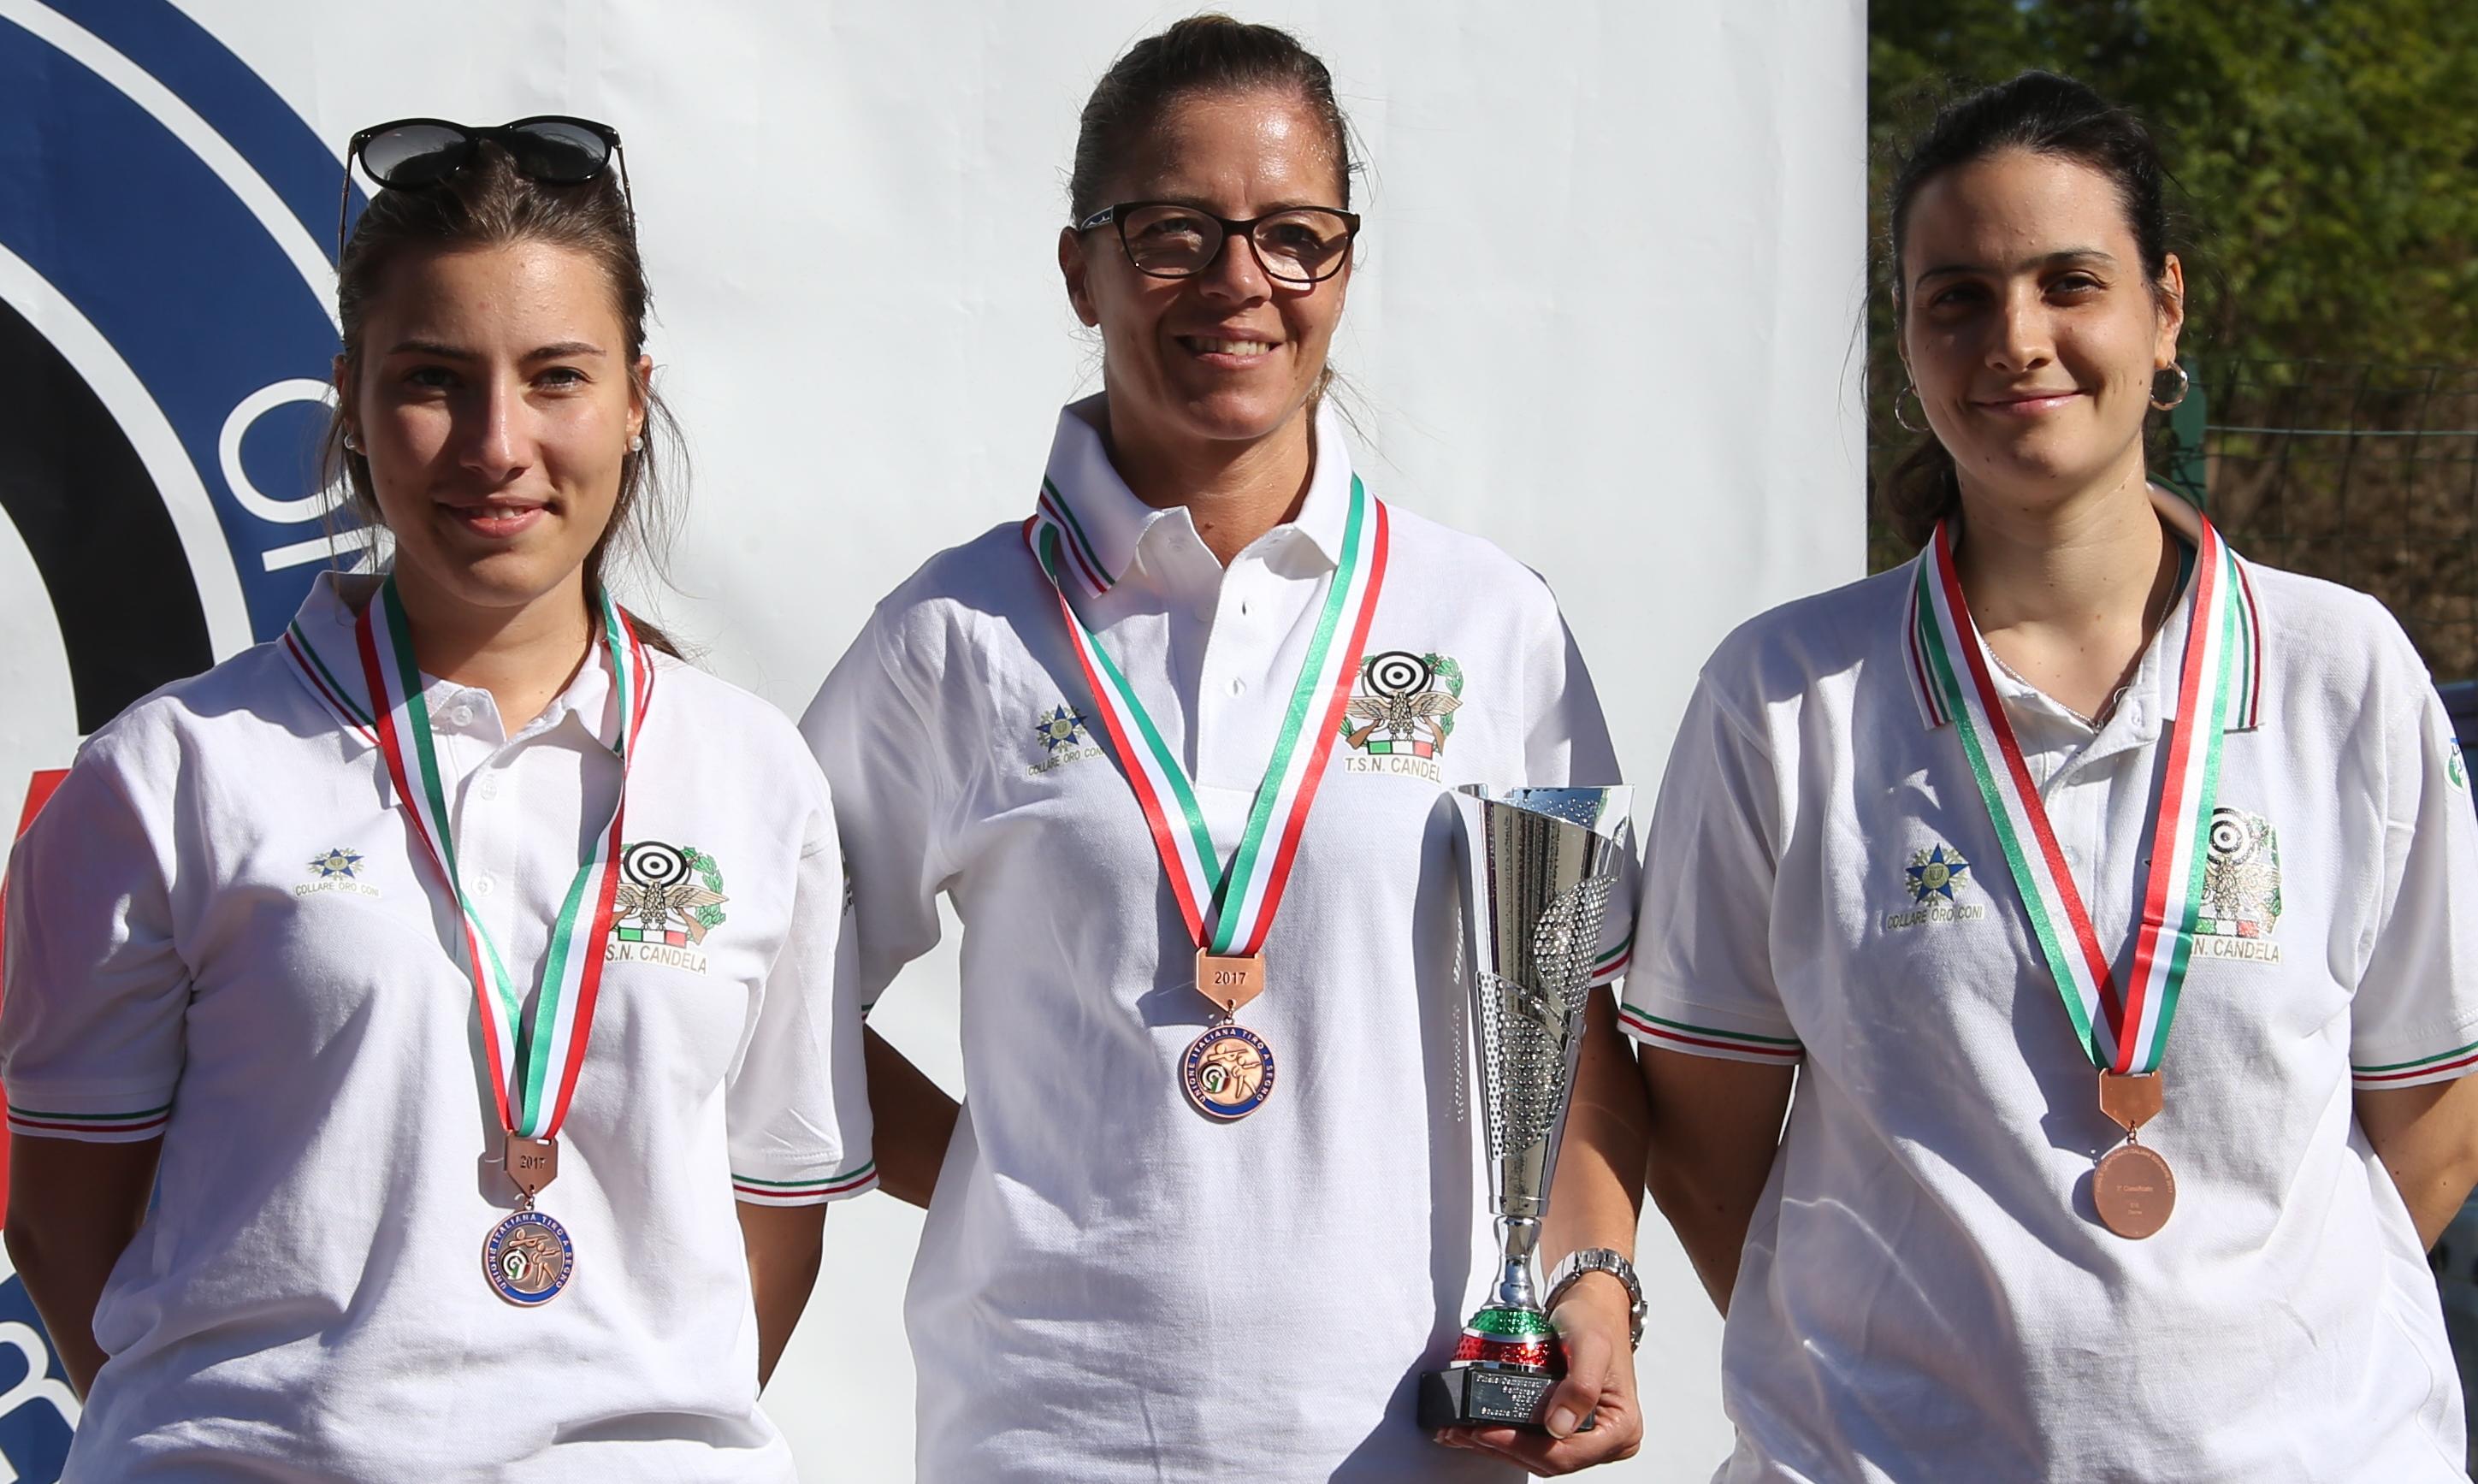 Campionati Italiani Senior 2017. Tre volte a podio la squadra di carabina Donne